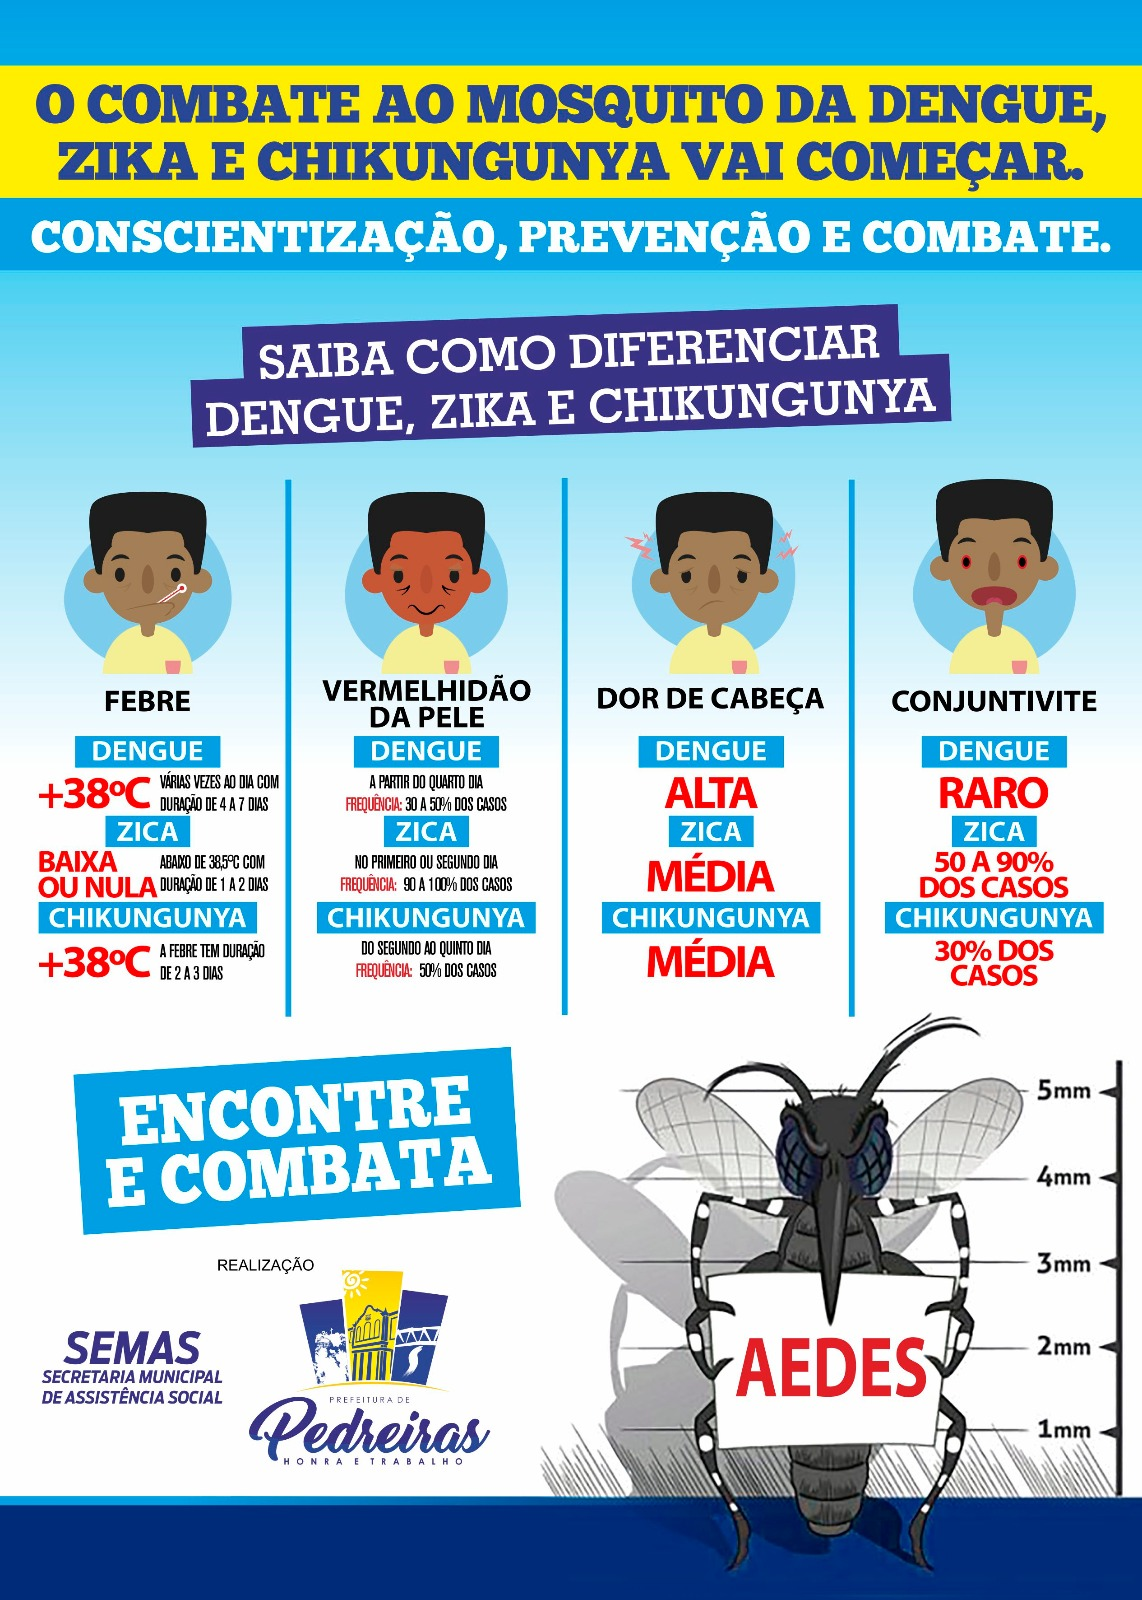 ALERTA DOENÇAS 2